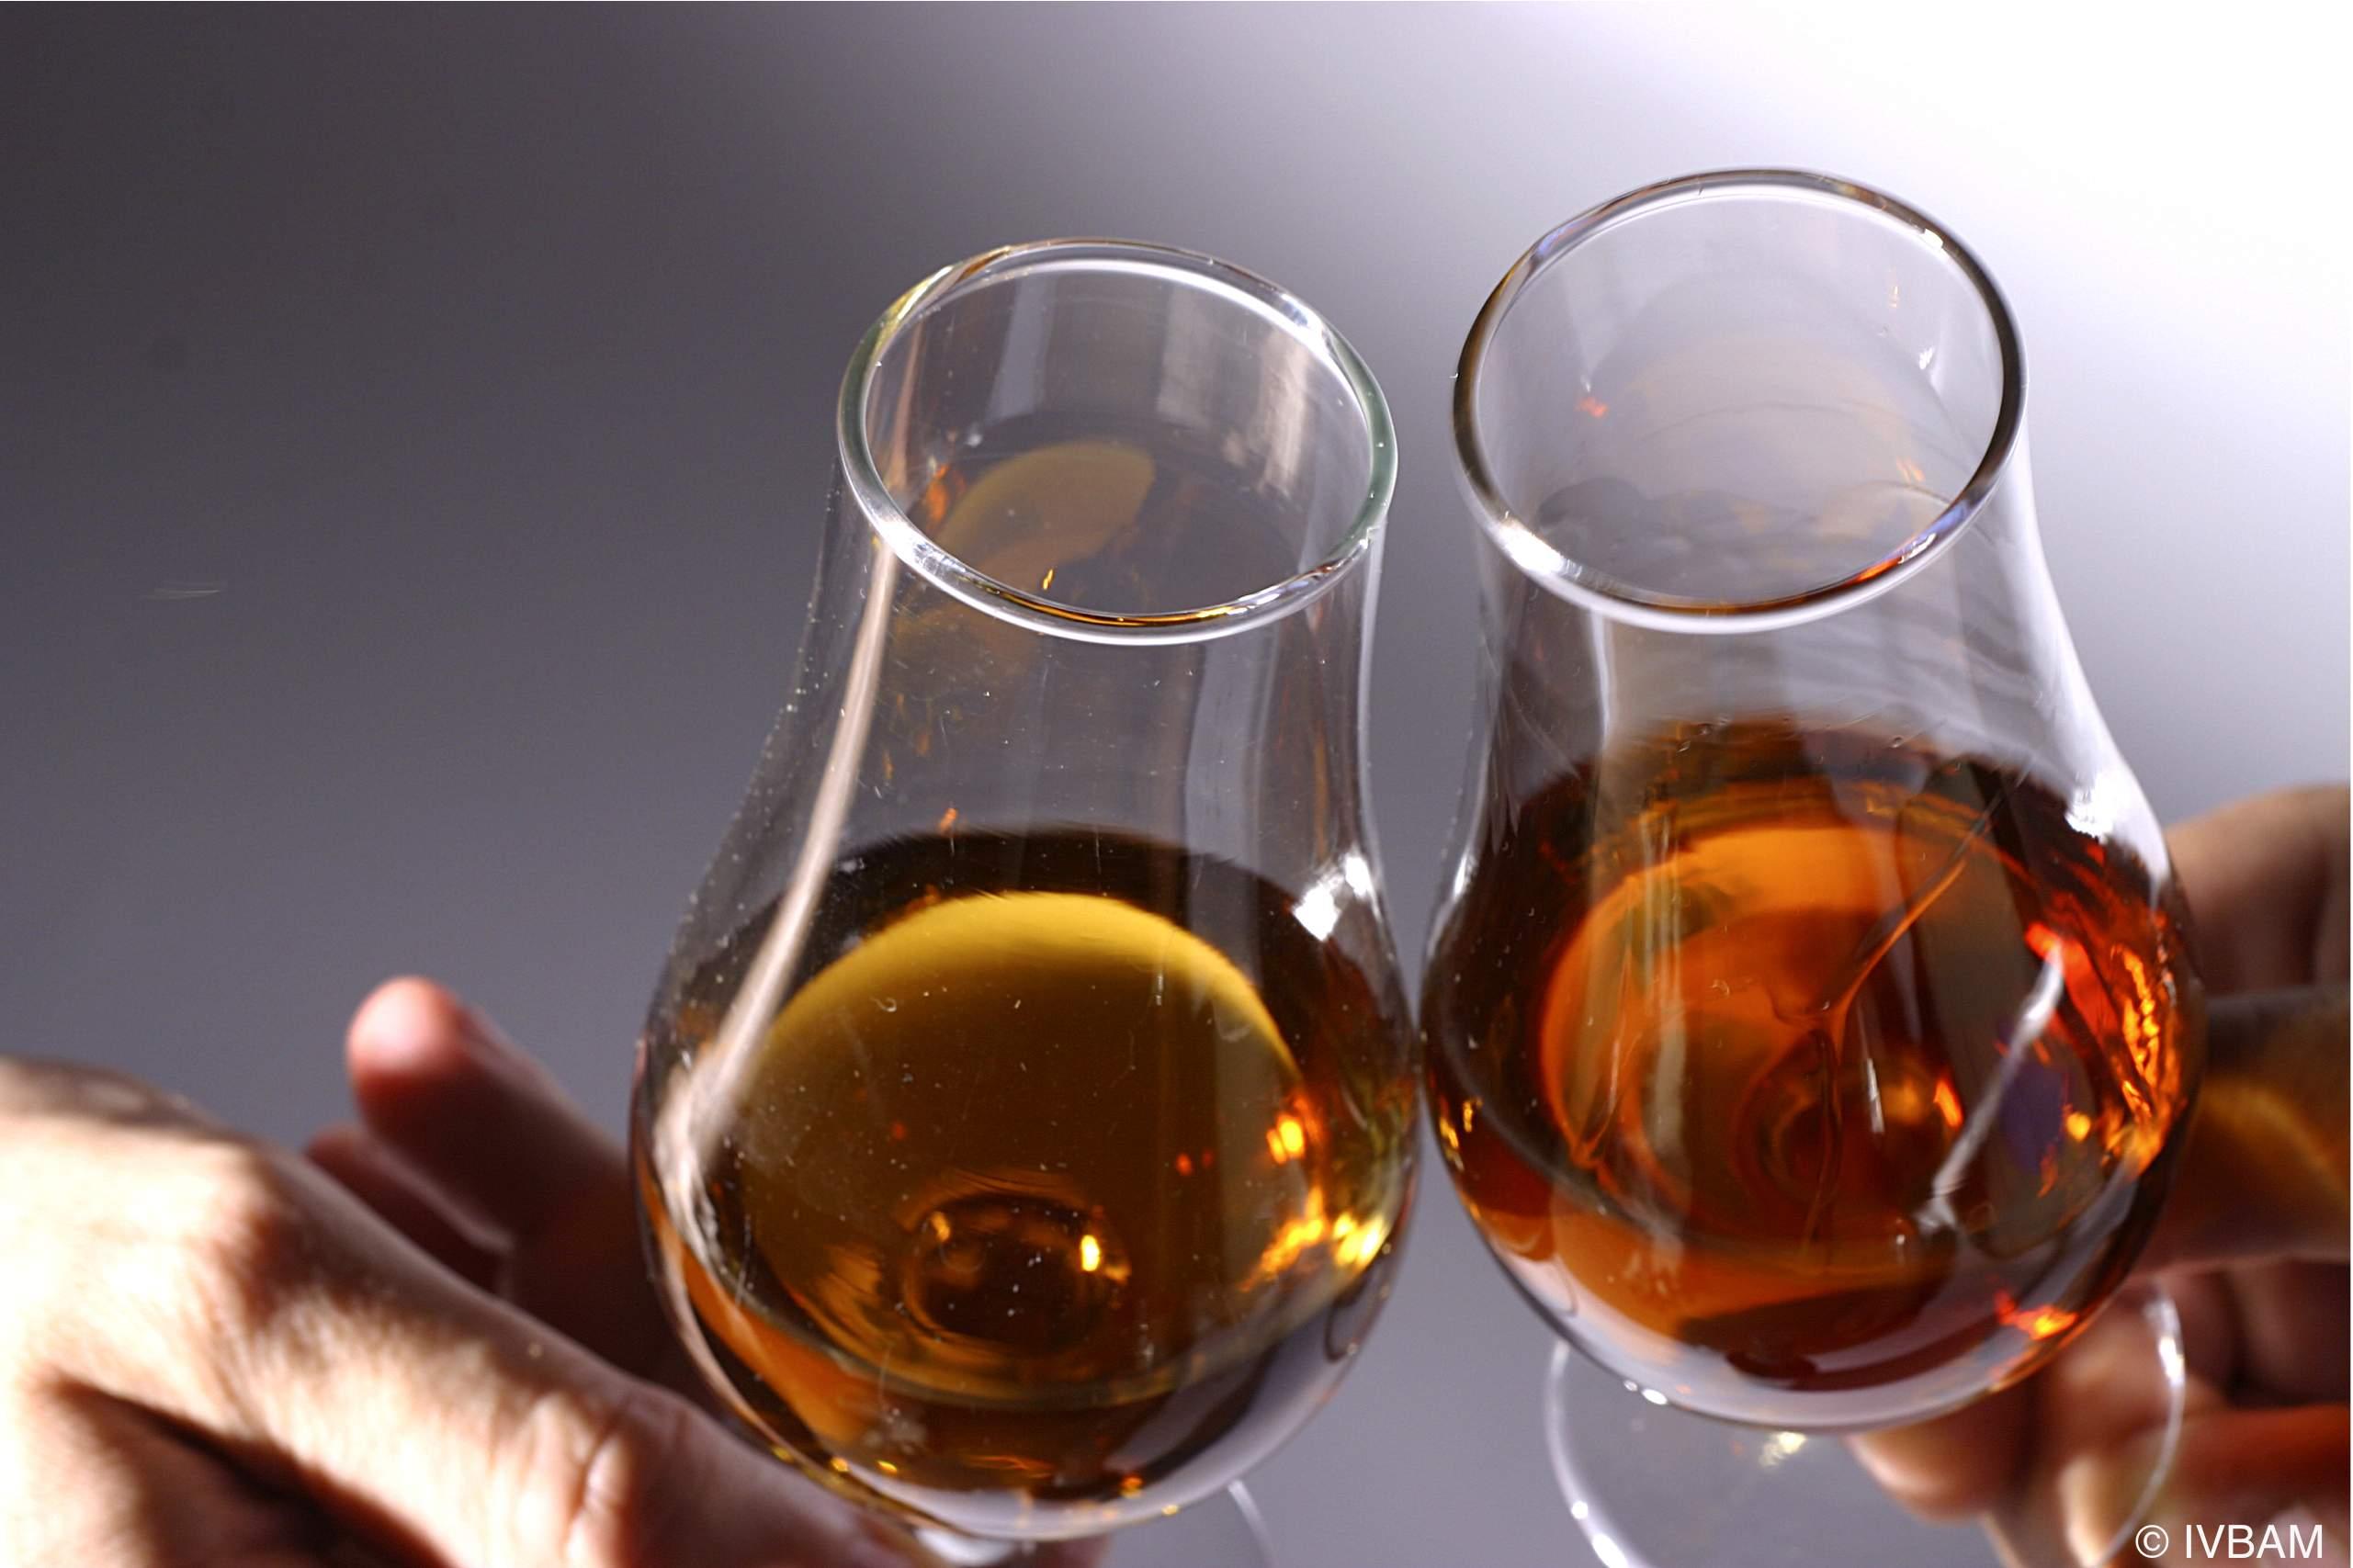 Instituto do Vinha da Madeira Viticulture